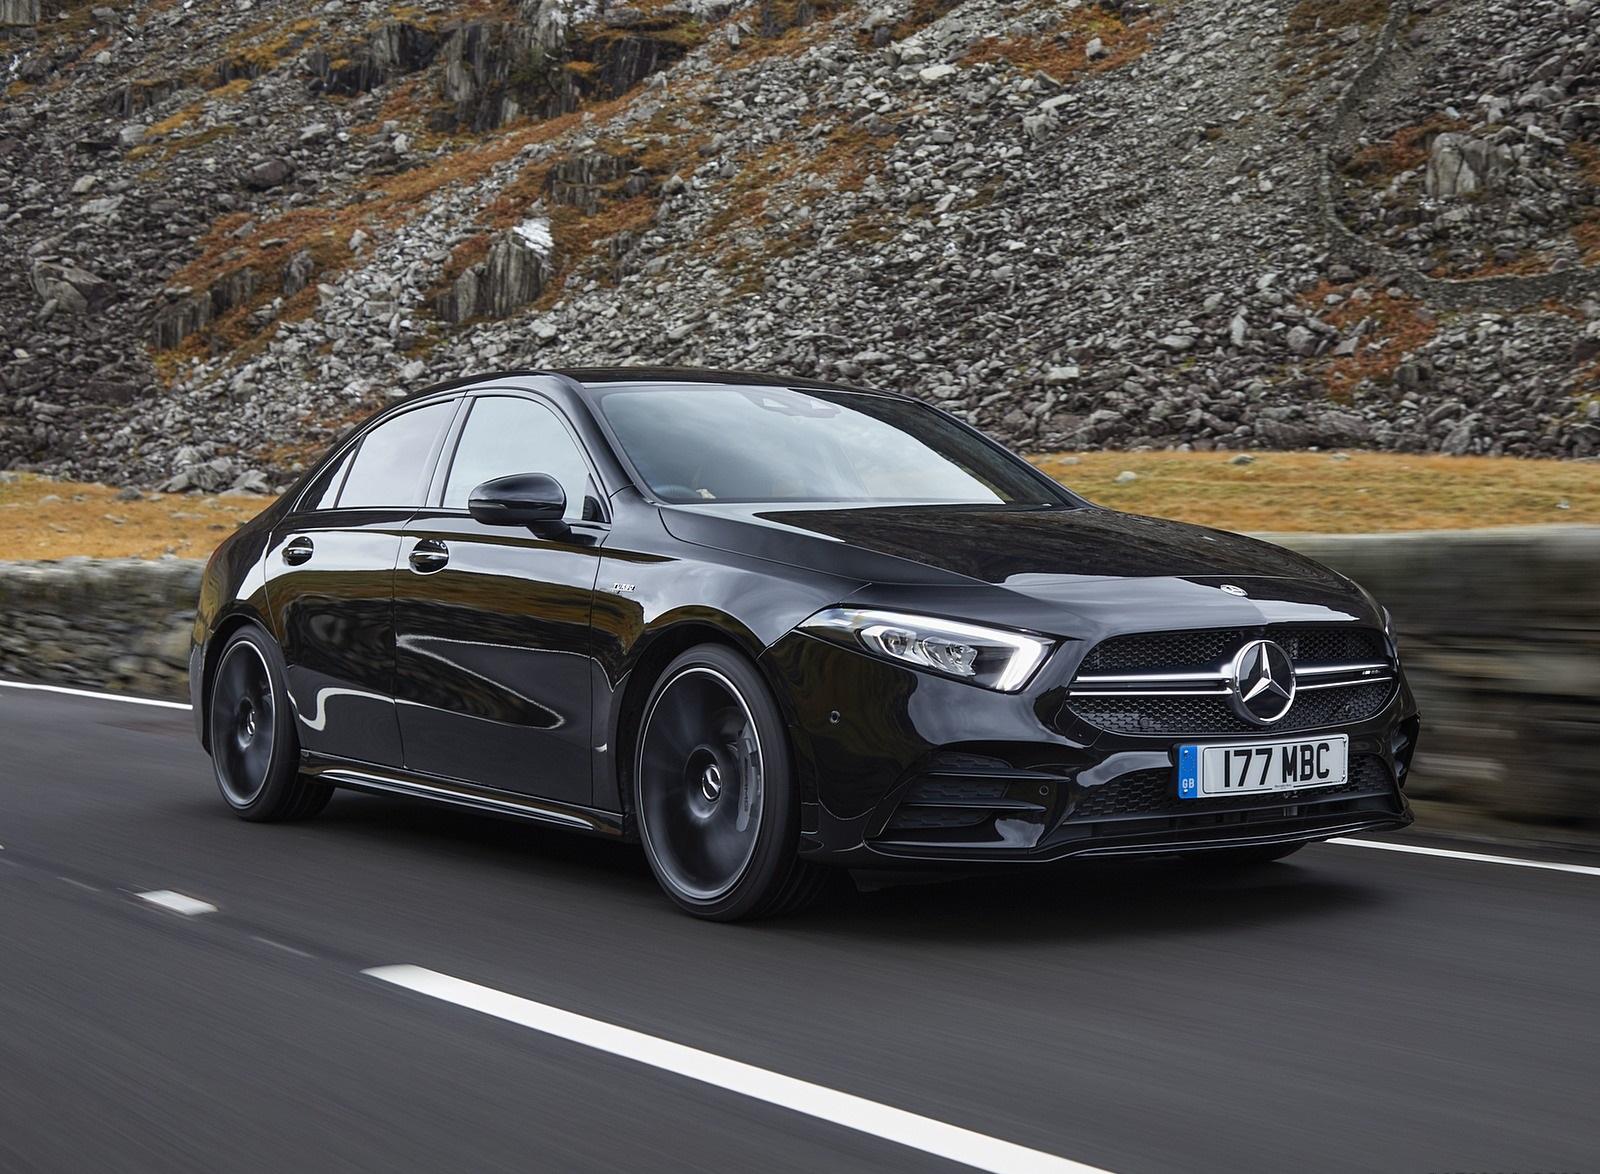 2020 Mercedes-AMG A 35 Sedan (UK-Spec) Front Three-Quarter Wallpapers (2)